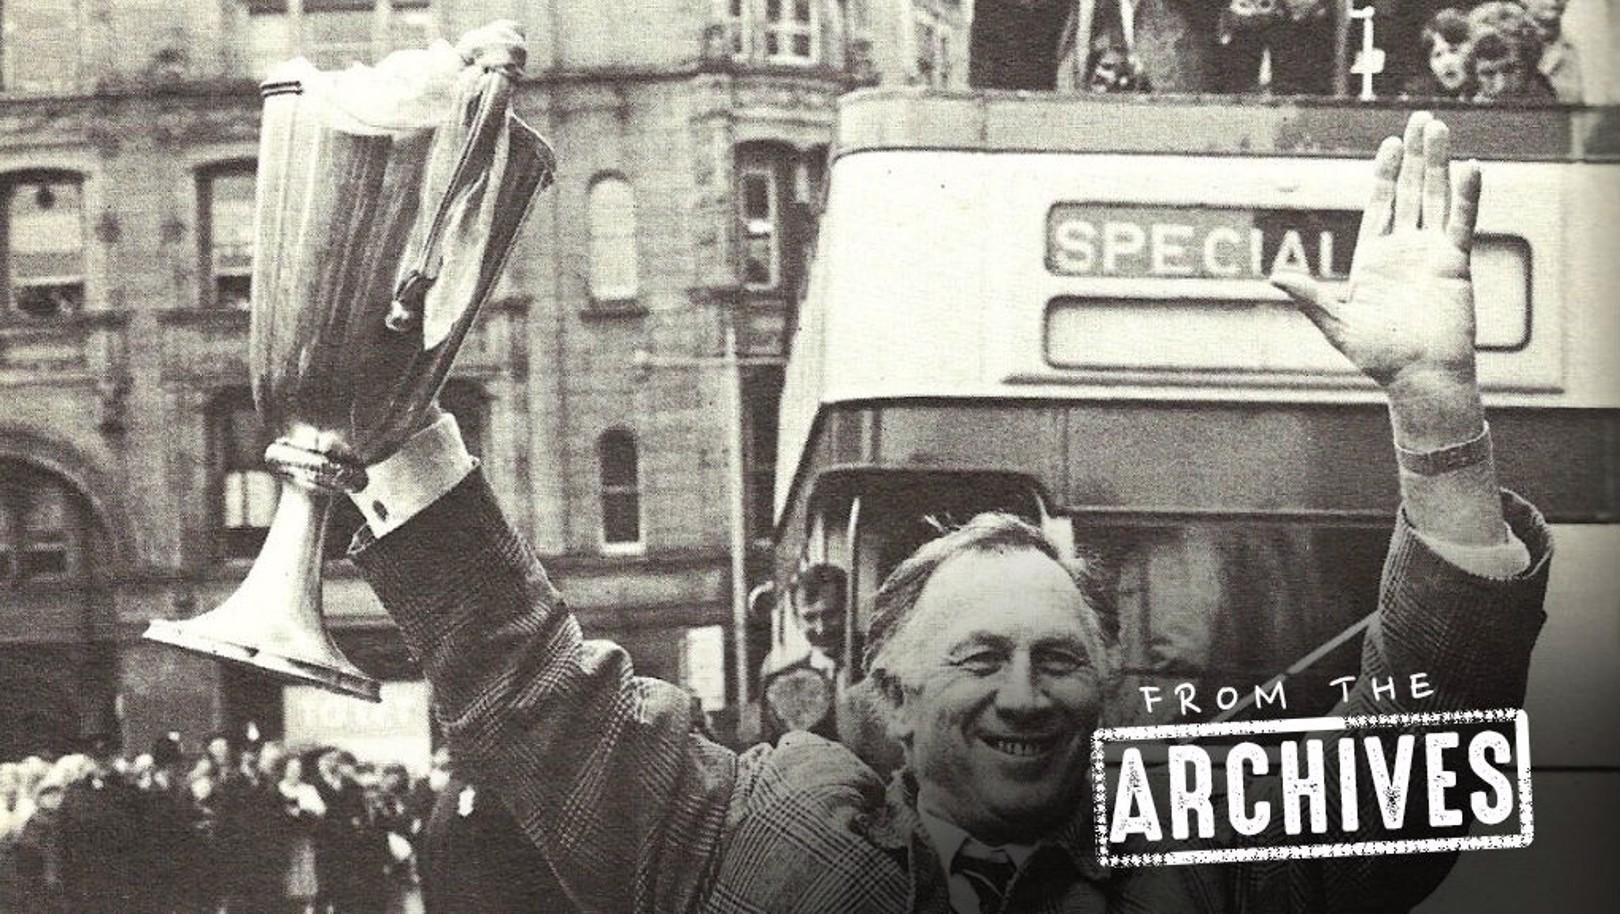 From the archives: Joe Mercer's timeless gift